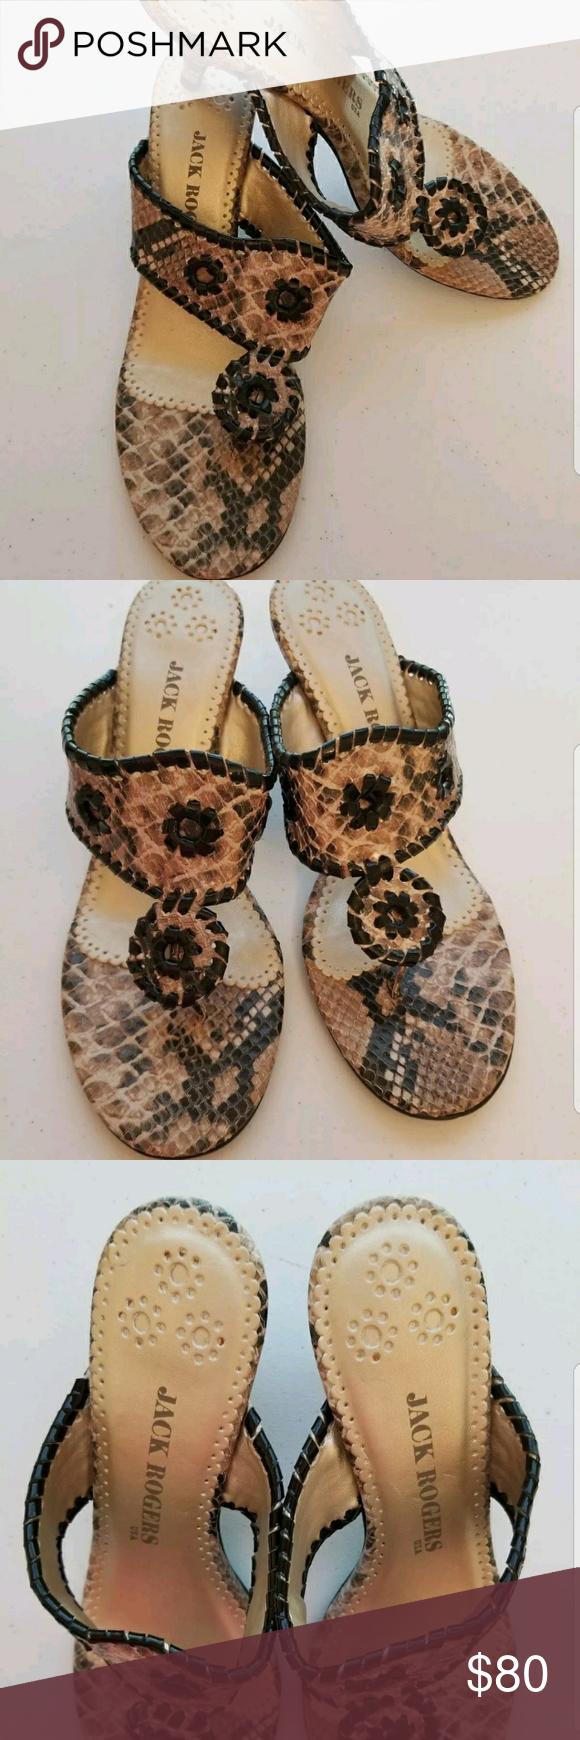 Jack Rogers Python Kitten Heel Excellent Jack Rogers Marina Heels Cream Tan Colored Python Style Print Kitten Heel With Jack Rogers Shoes Kitten Heels Heels